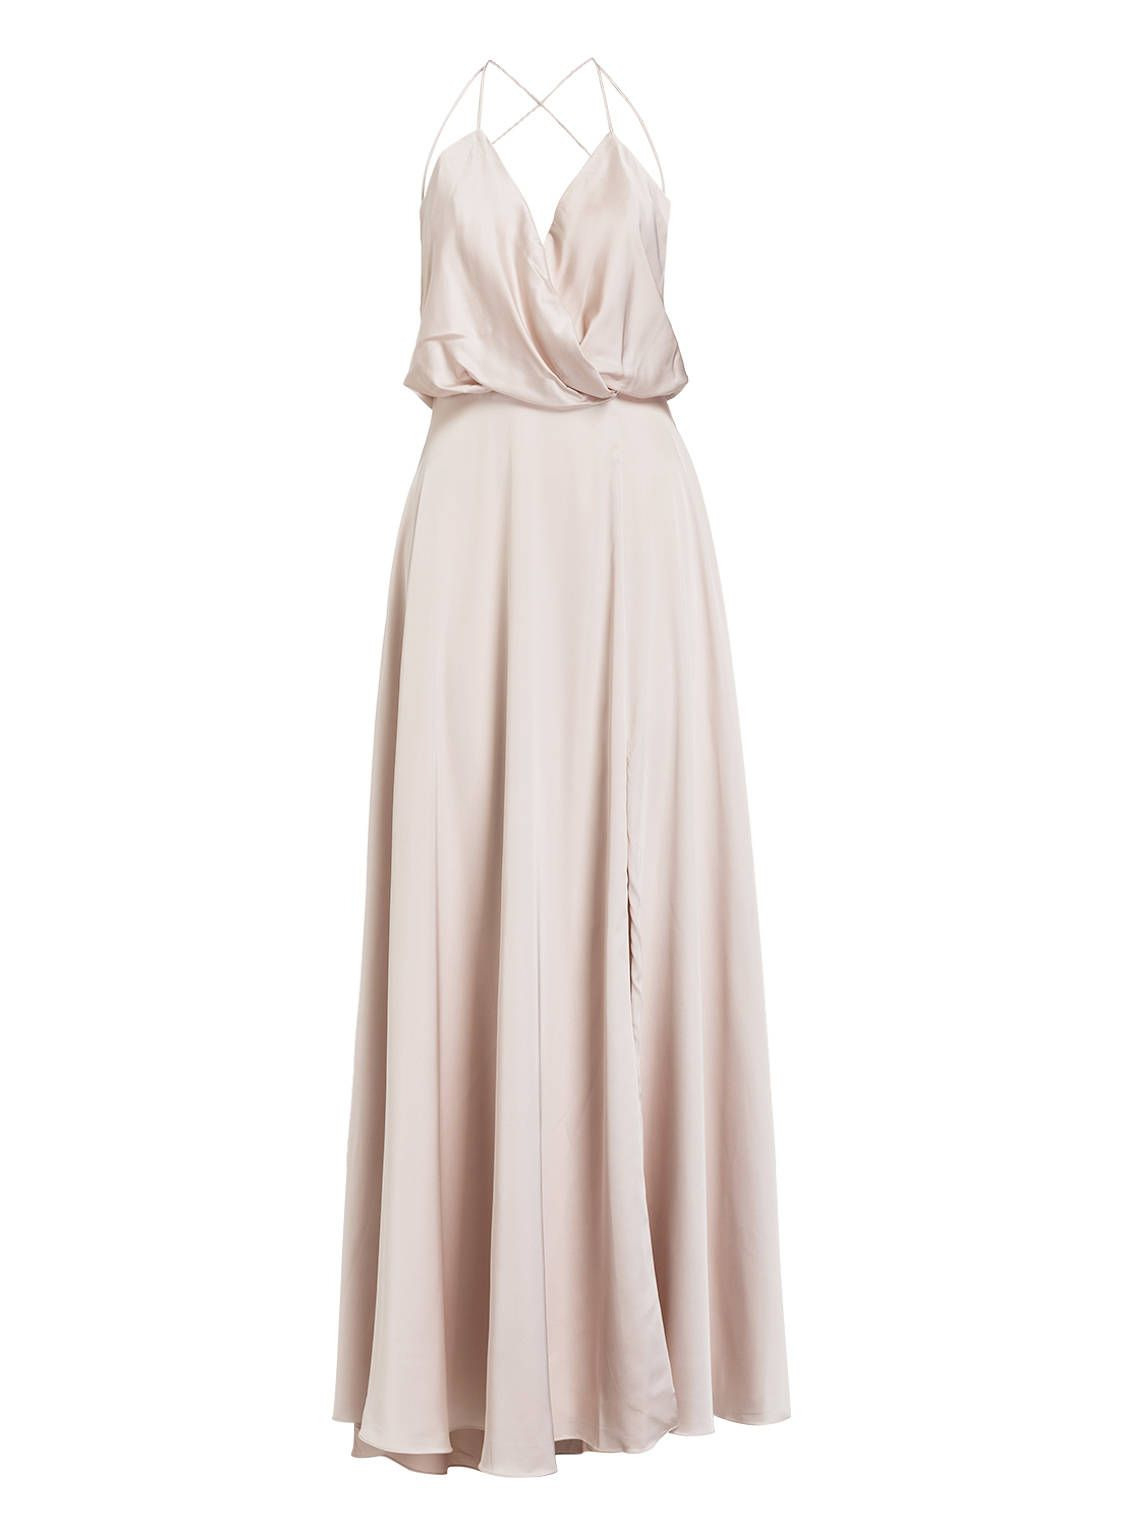 Formal Ausgezeichnet Breuninger Abendkleid Bester PreisAbend Luxus Breuninger Abendkleid Design